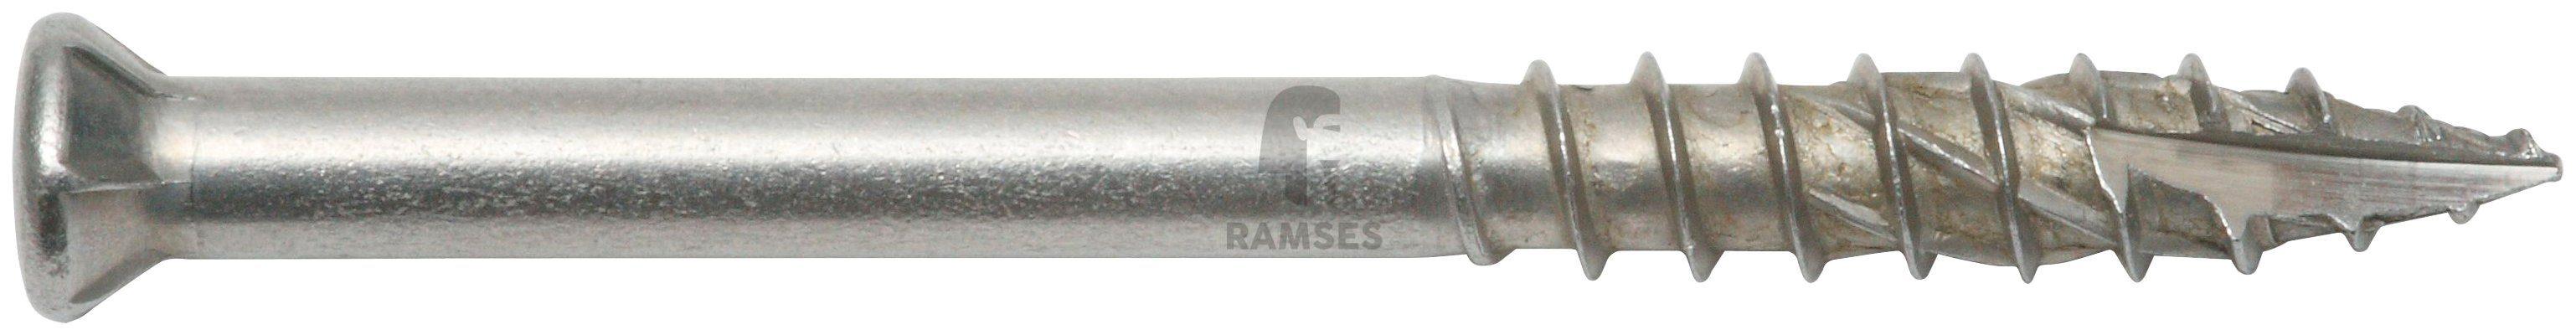 RAMSES Schrauben , Terrassenschraube 5,5 x 70 mm A4 ttap 25 mit Bit 100 Stk.